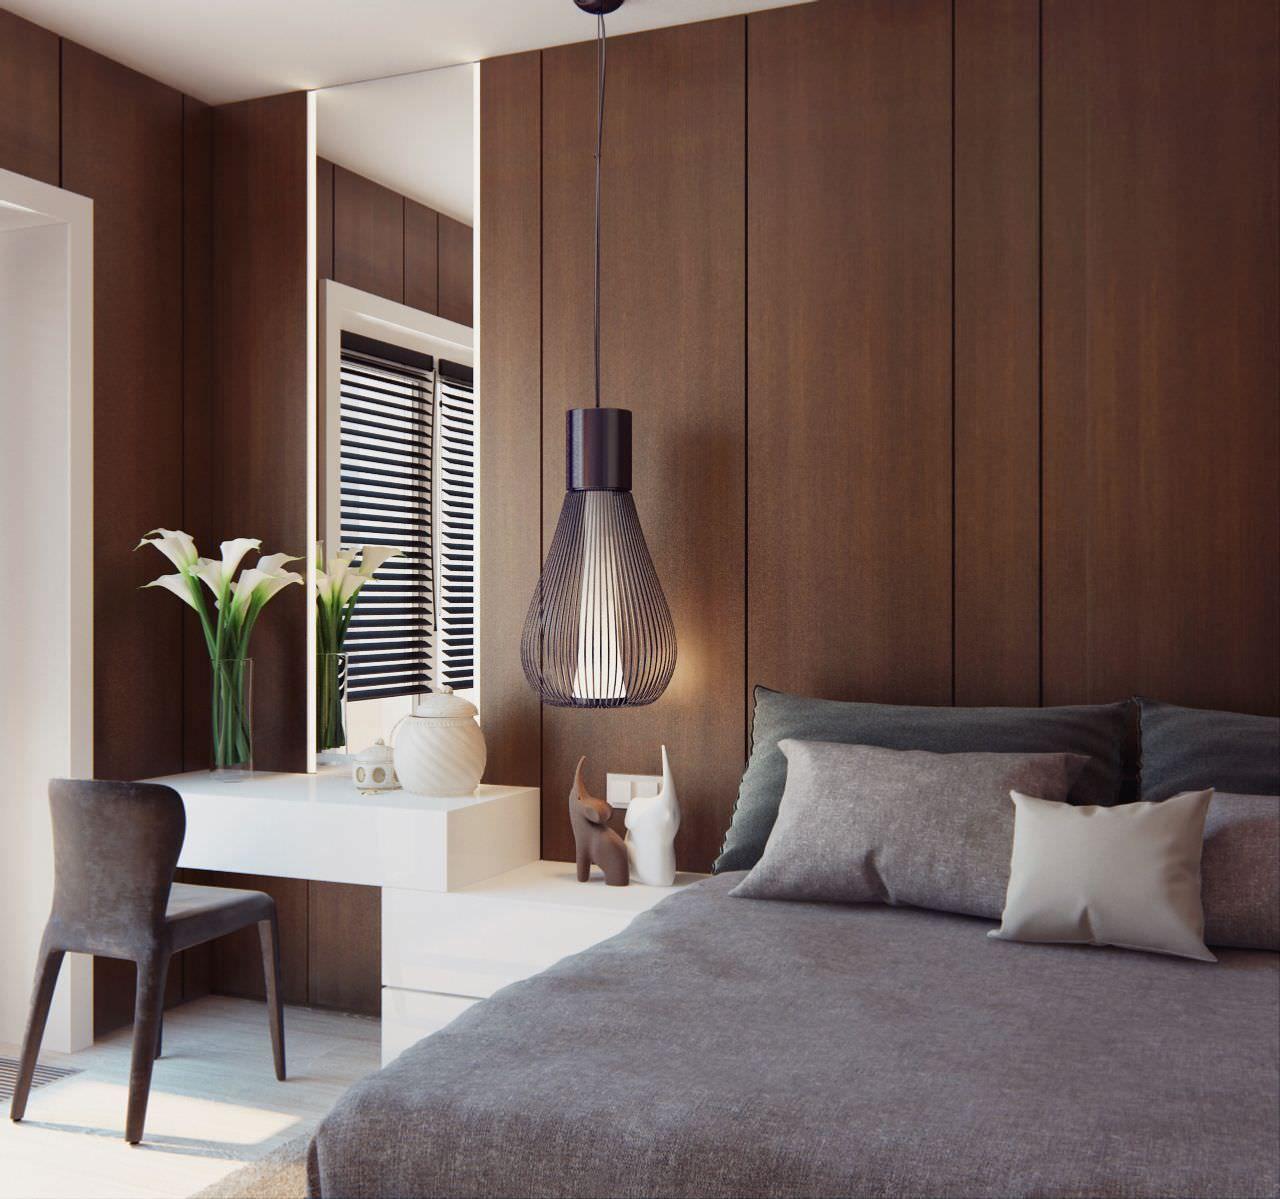 Comodino Lampade Camera Da Letto Design.100 Idee Camere Da Letto Moderne Stile E Design Per Un Ambiente